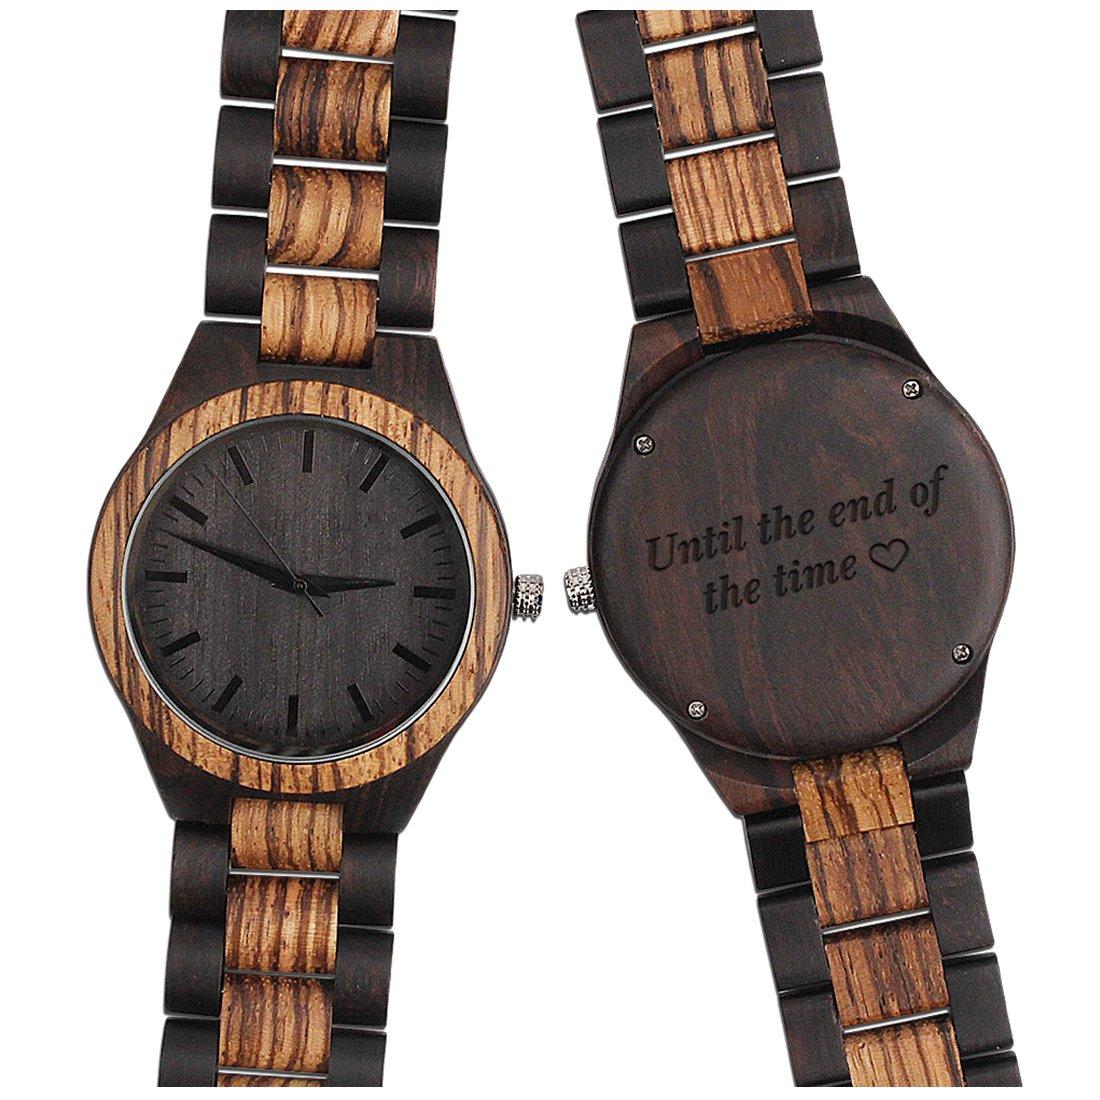 刻印木製男性用時計 – 天然木製腕時計 – Groomsmen男性メンズの – カスタマイズ結婚記念日のギフトギフト FBA-506-1 B07BWDBR9Z FBA-506-1 FBA-506-1